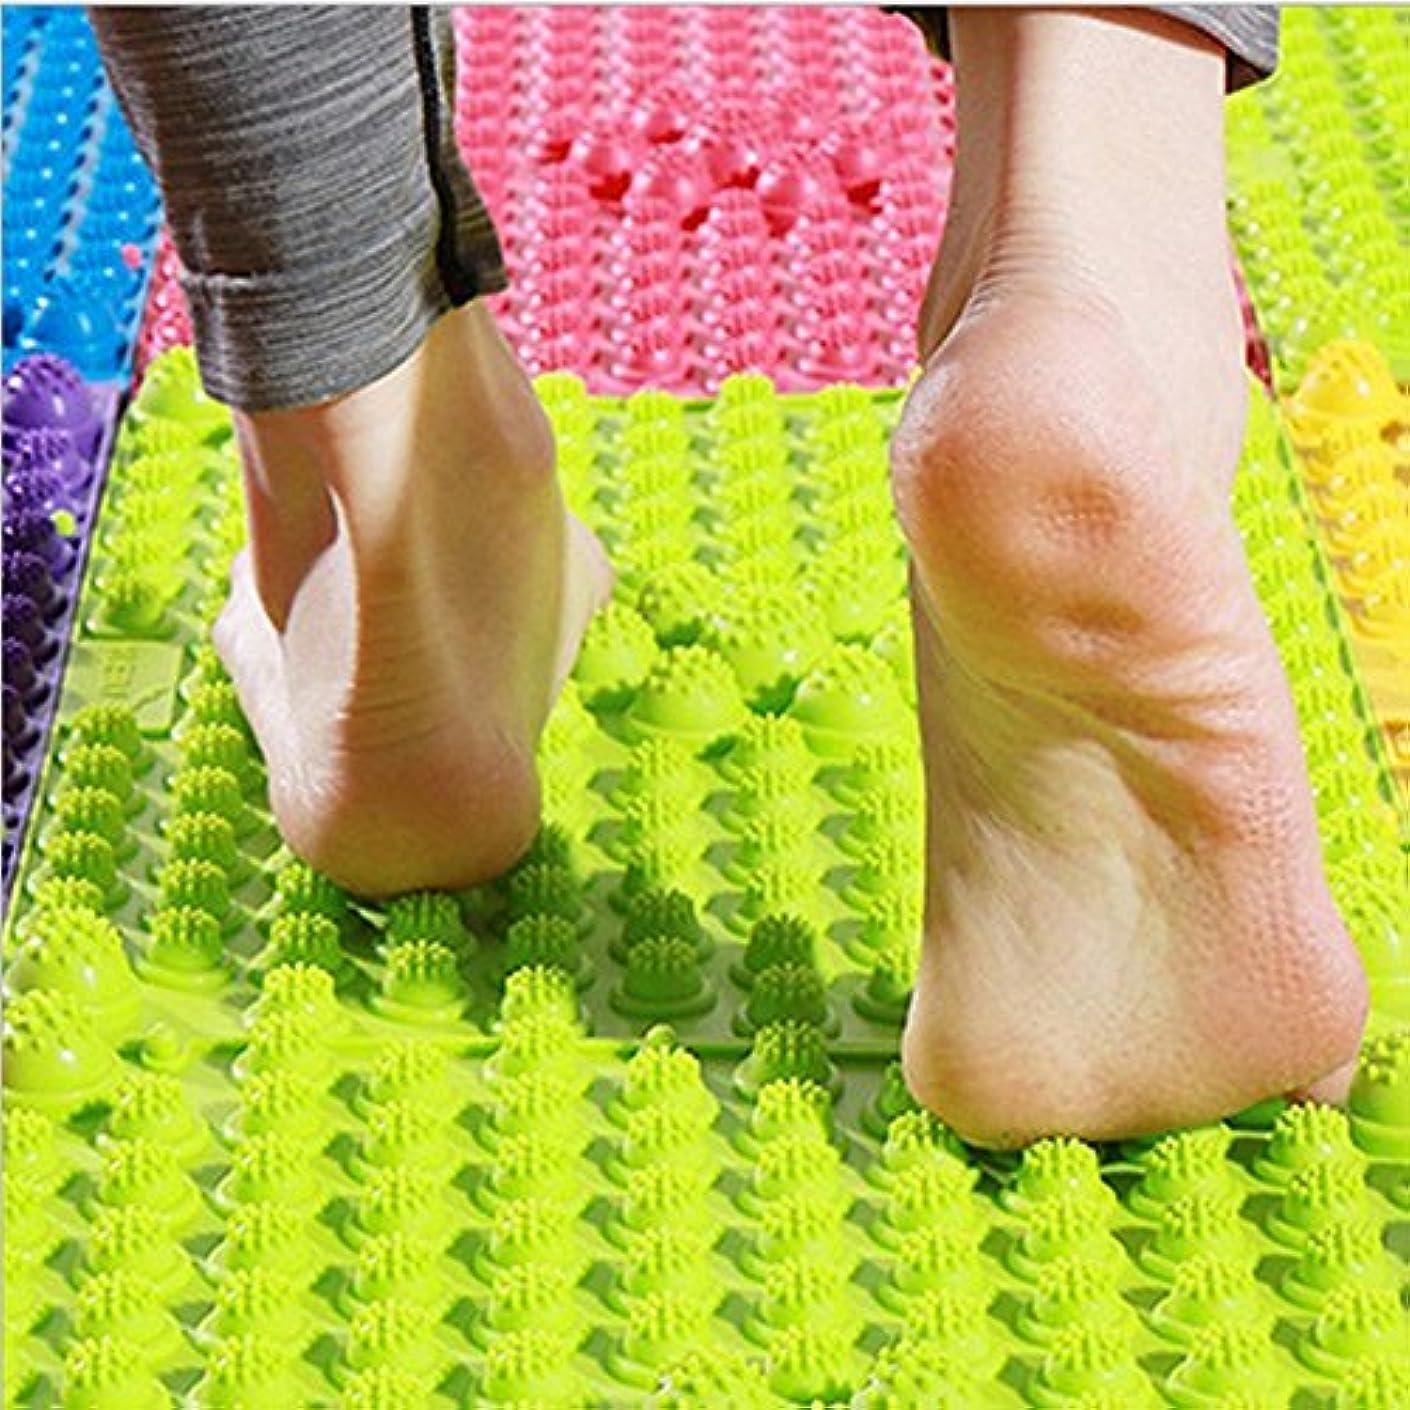 2 PCS足マッサージマット、鍼治療指圧循環リフレクソロジー足の痛みの緩和と筋肉のリラクゼーション(ランダムカラー)のためのバスルームバスマット